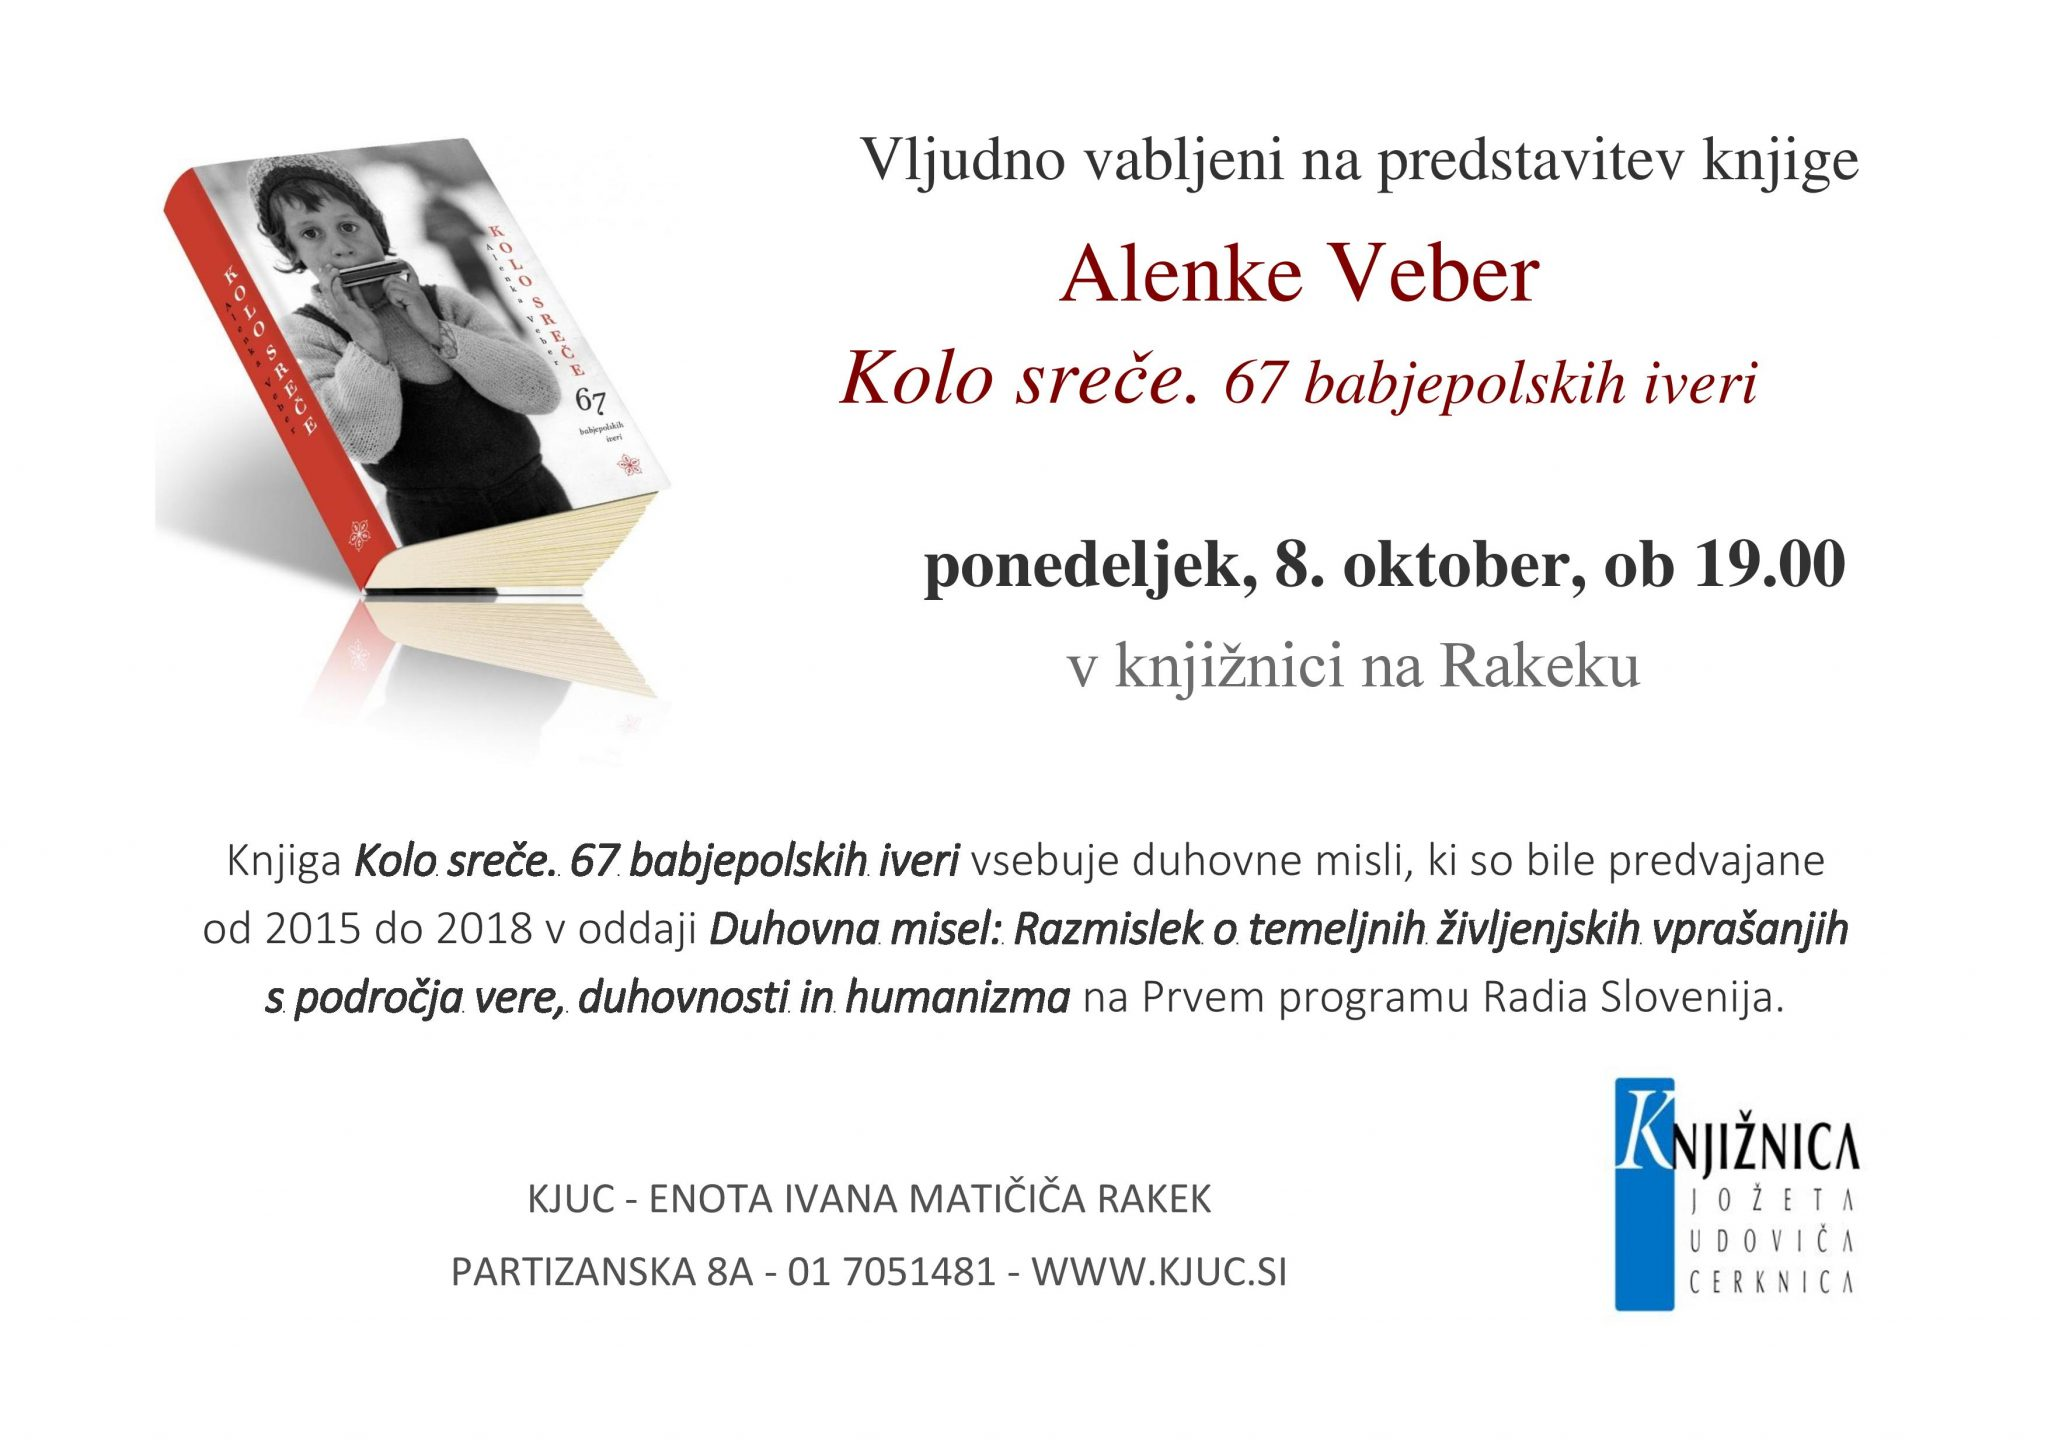 kolo.srece vabilo page 001 - Alenka Veber – Kolo sreče. 67 babjepolskih iveri – predstavitev knjige